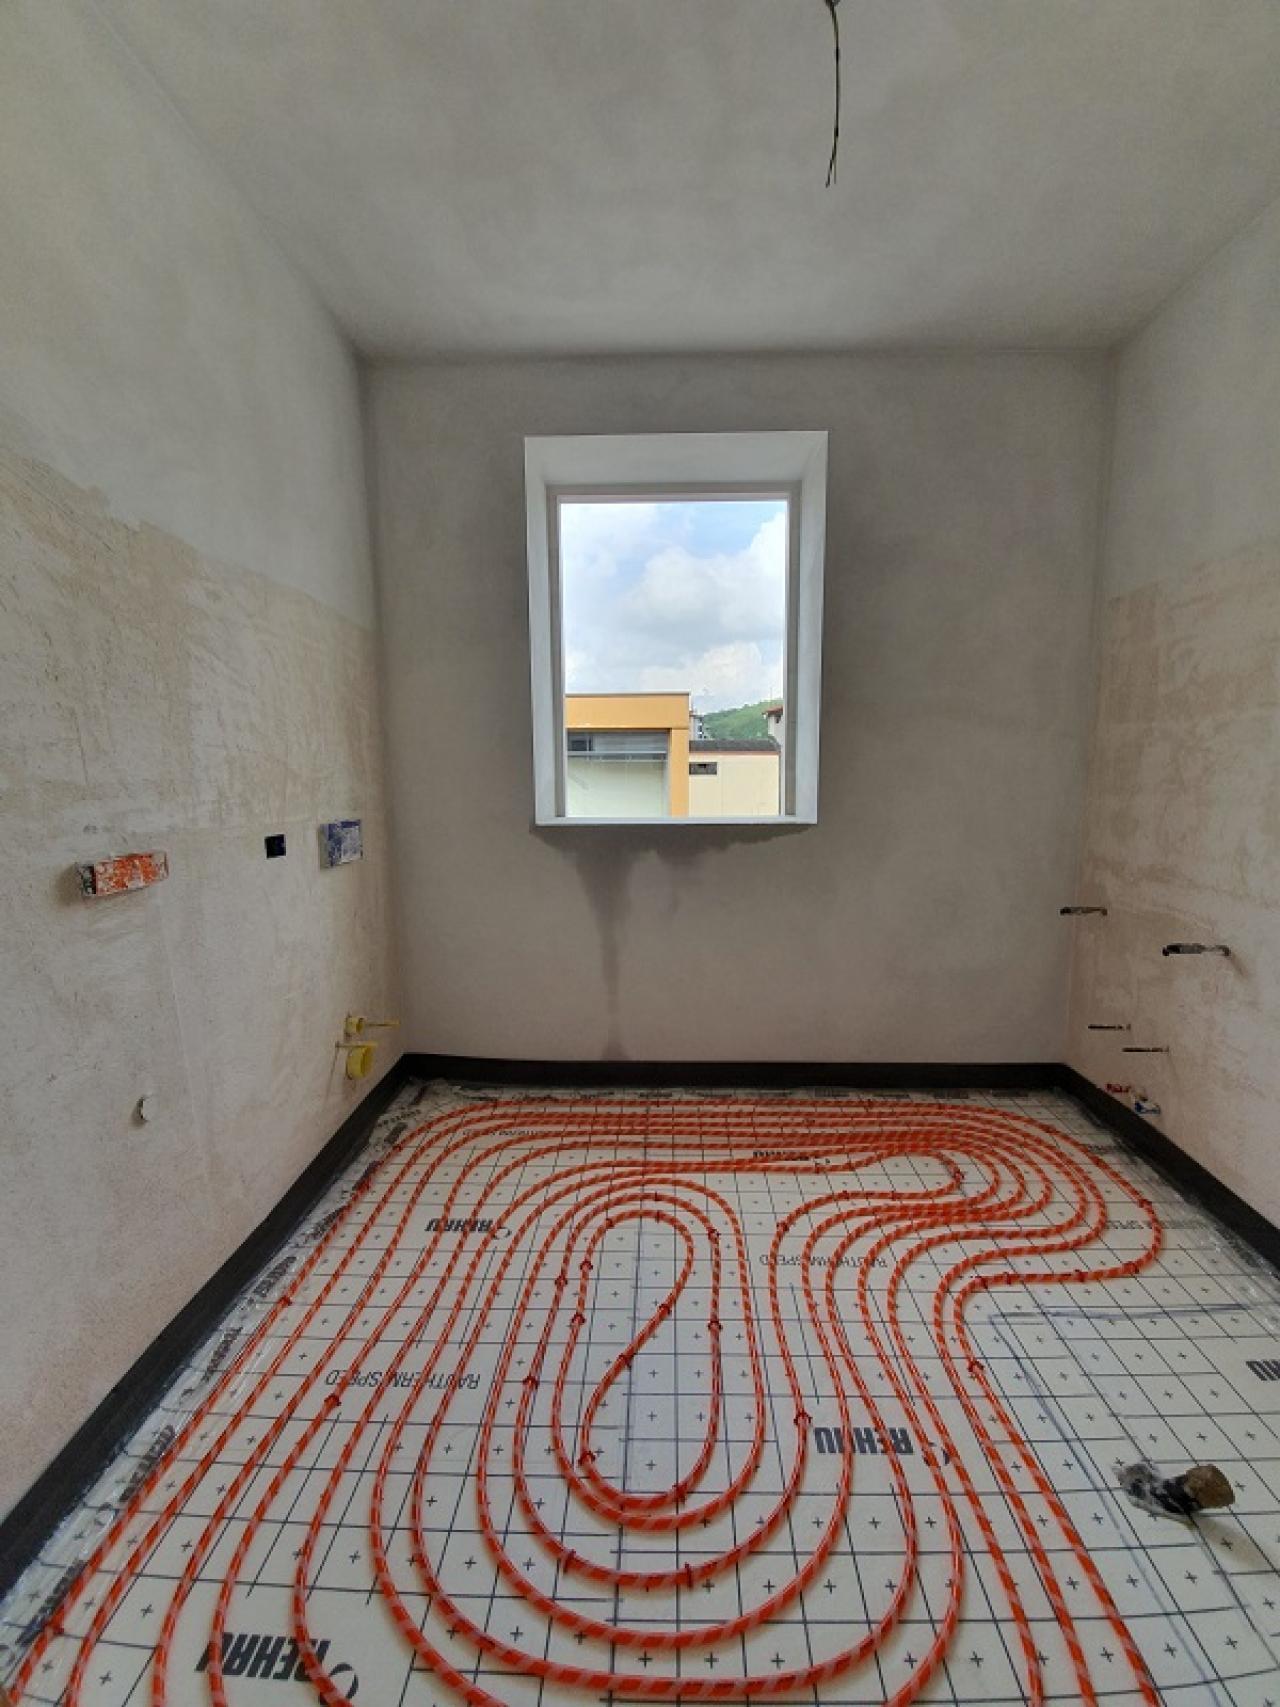 Il Miglior Sistema Di Riscaldamento riscaldamento a pavimento - installazione a vicenza e verona